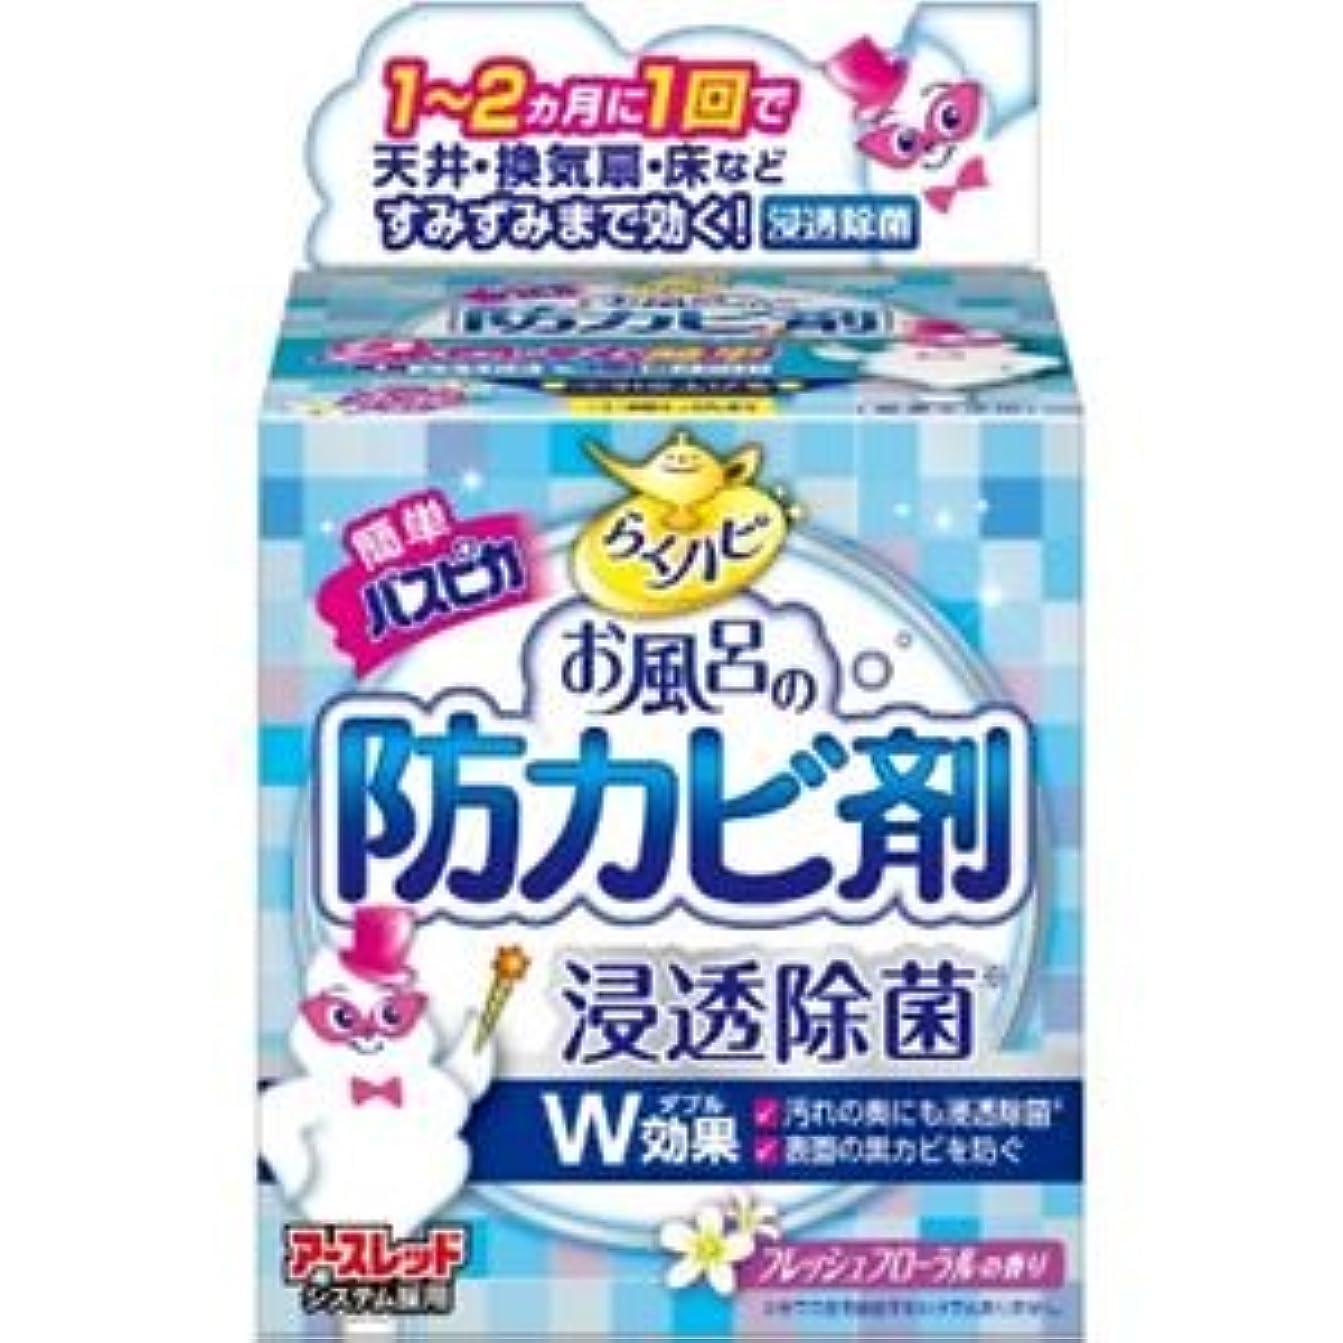 共産主義数学者小説(まとめ)アース製薬 らくハピお風呂の防カビ剤フローラルの香り 【×3点セット】